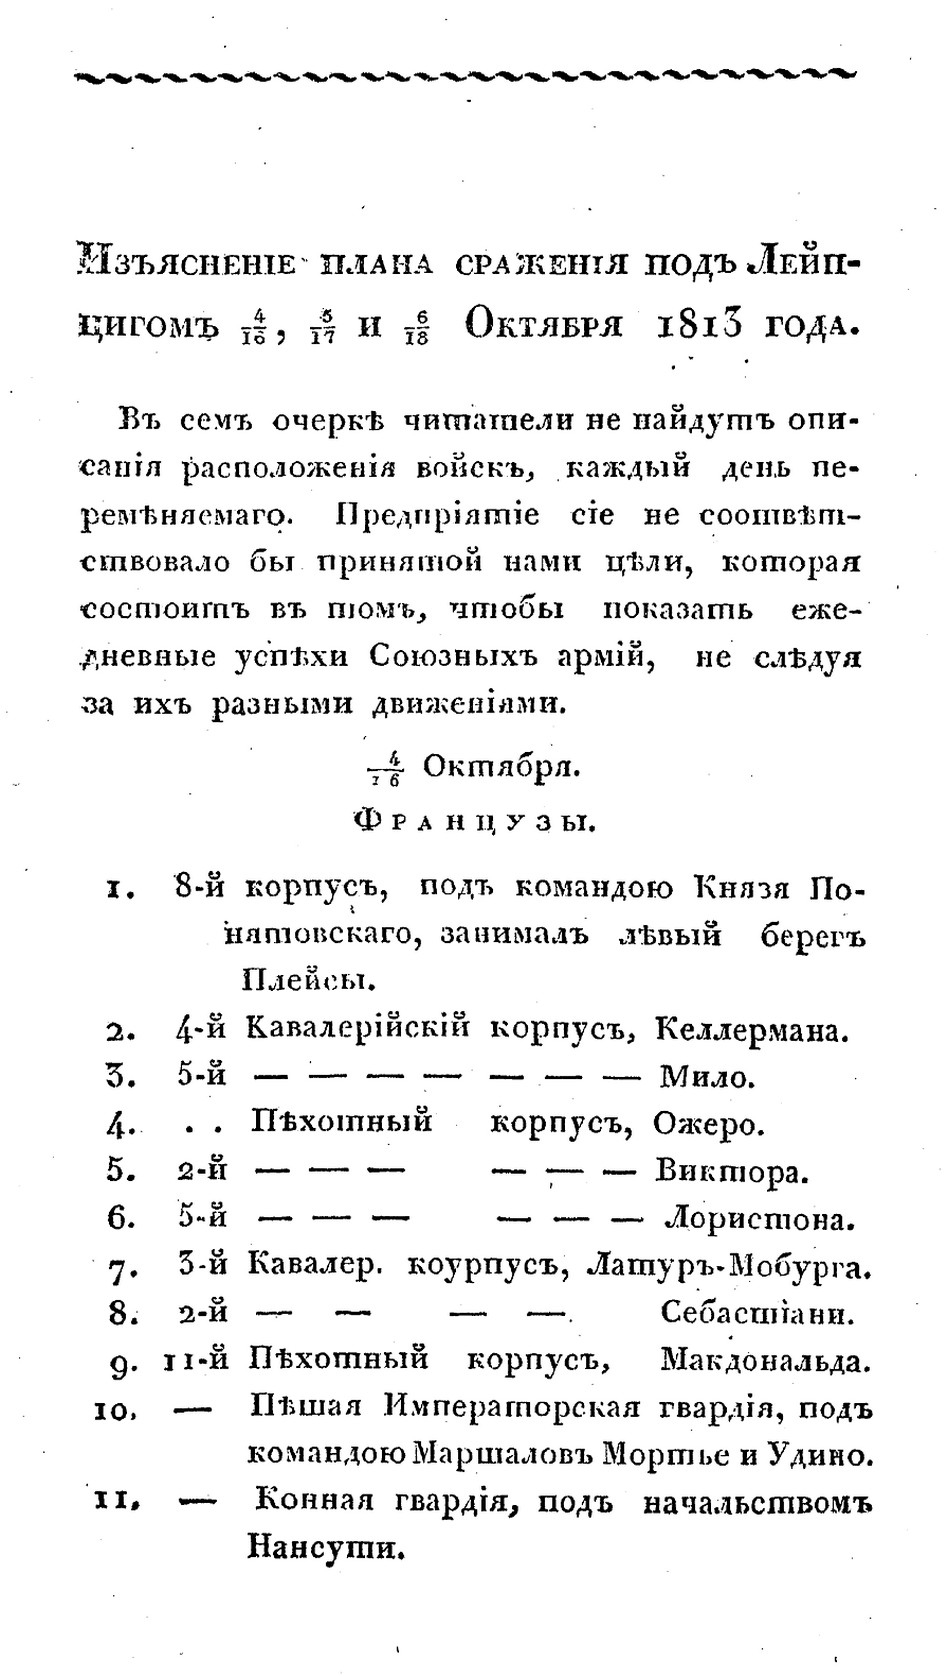 http://i5.imageban.ru/out/2014/08/03/5ff3fd3a5708664829456cc0cdf8962b.jpg